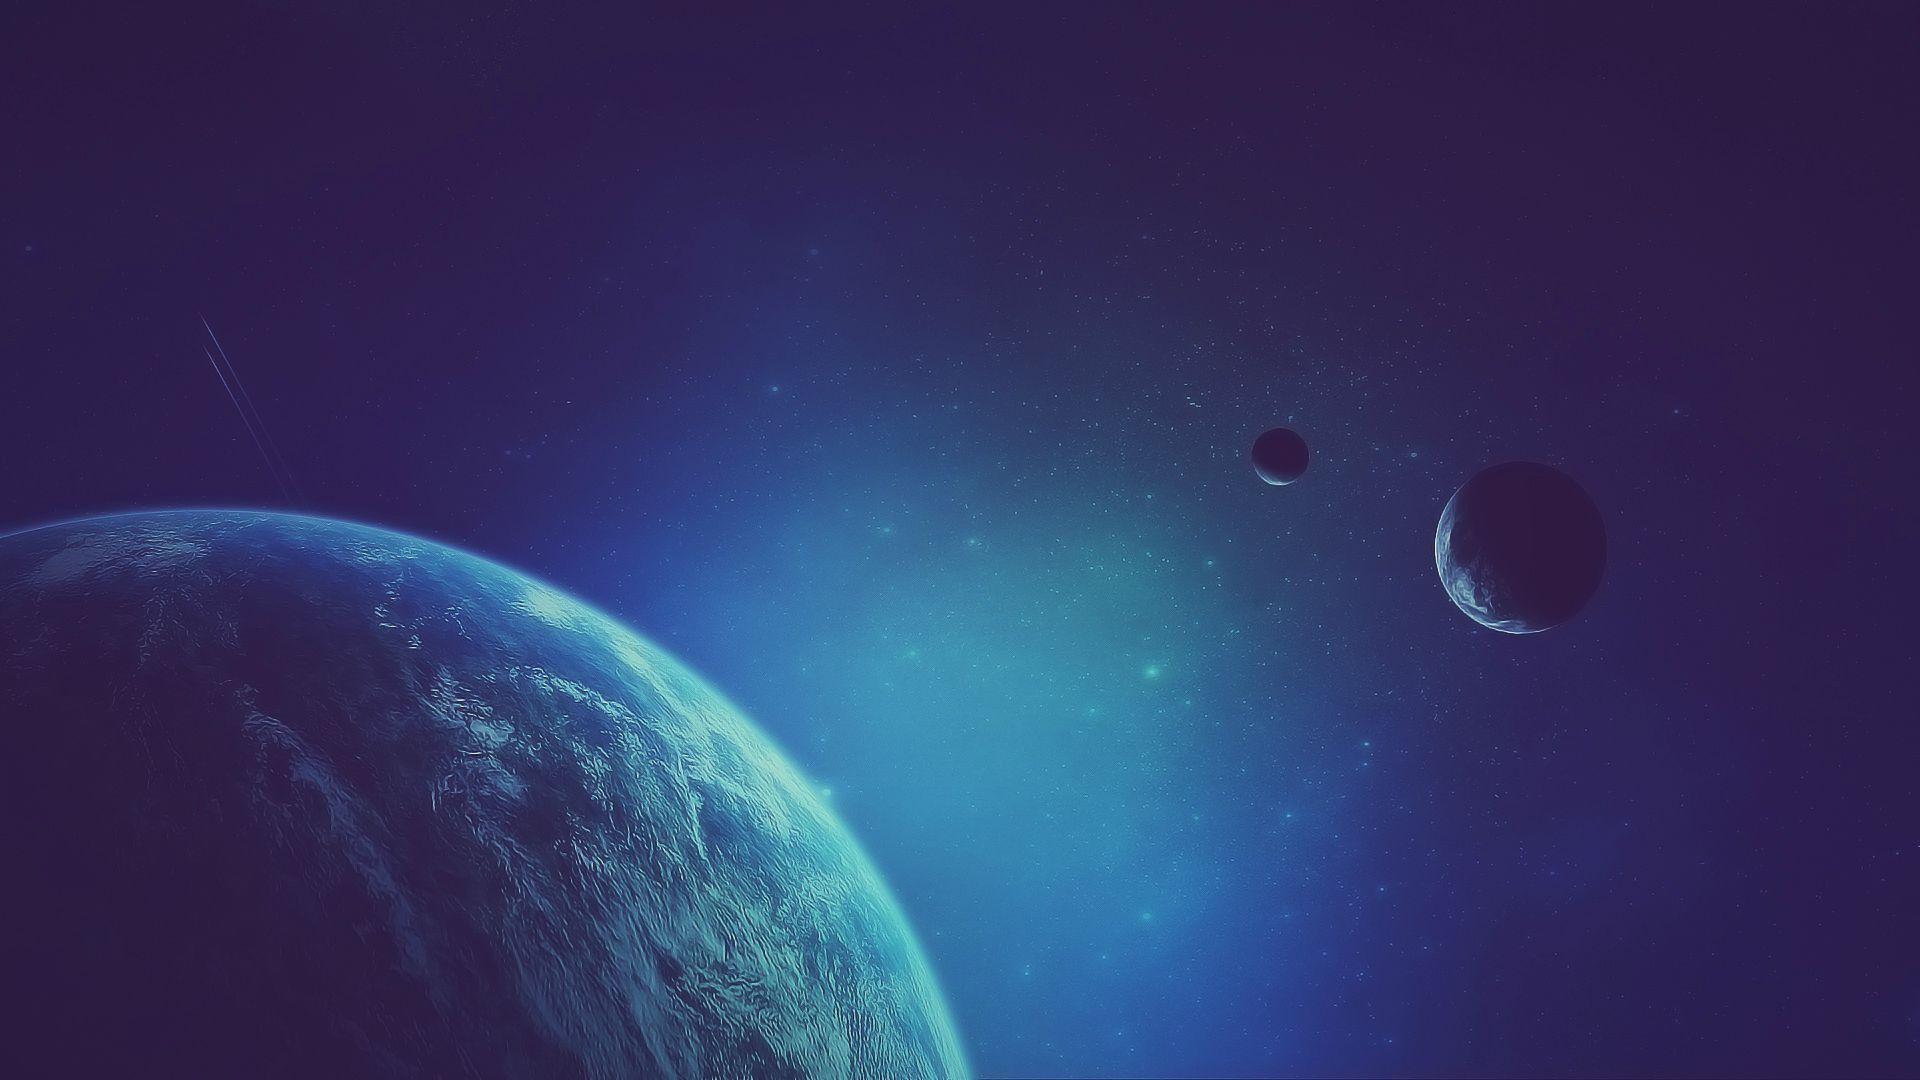 Fondo de pantalla espacio exterior